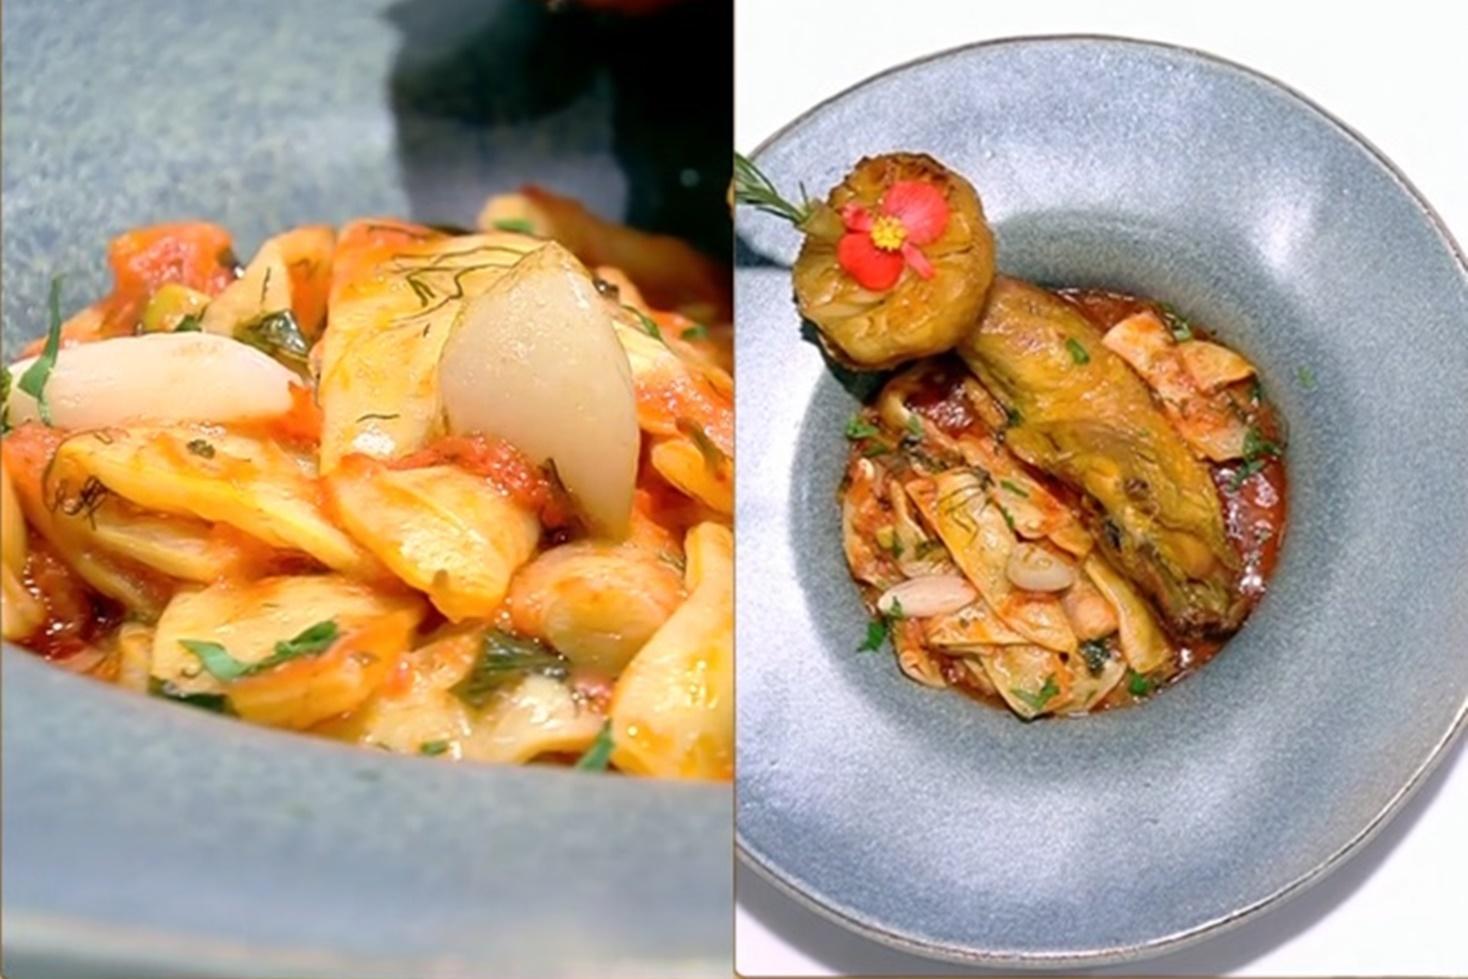 Mâncare scăzută de fasole galbenă cu sos de roșii și usturoi, preparată de Vlăduț la Neatza cu Răzvan și Dani